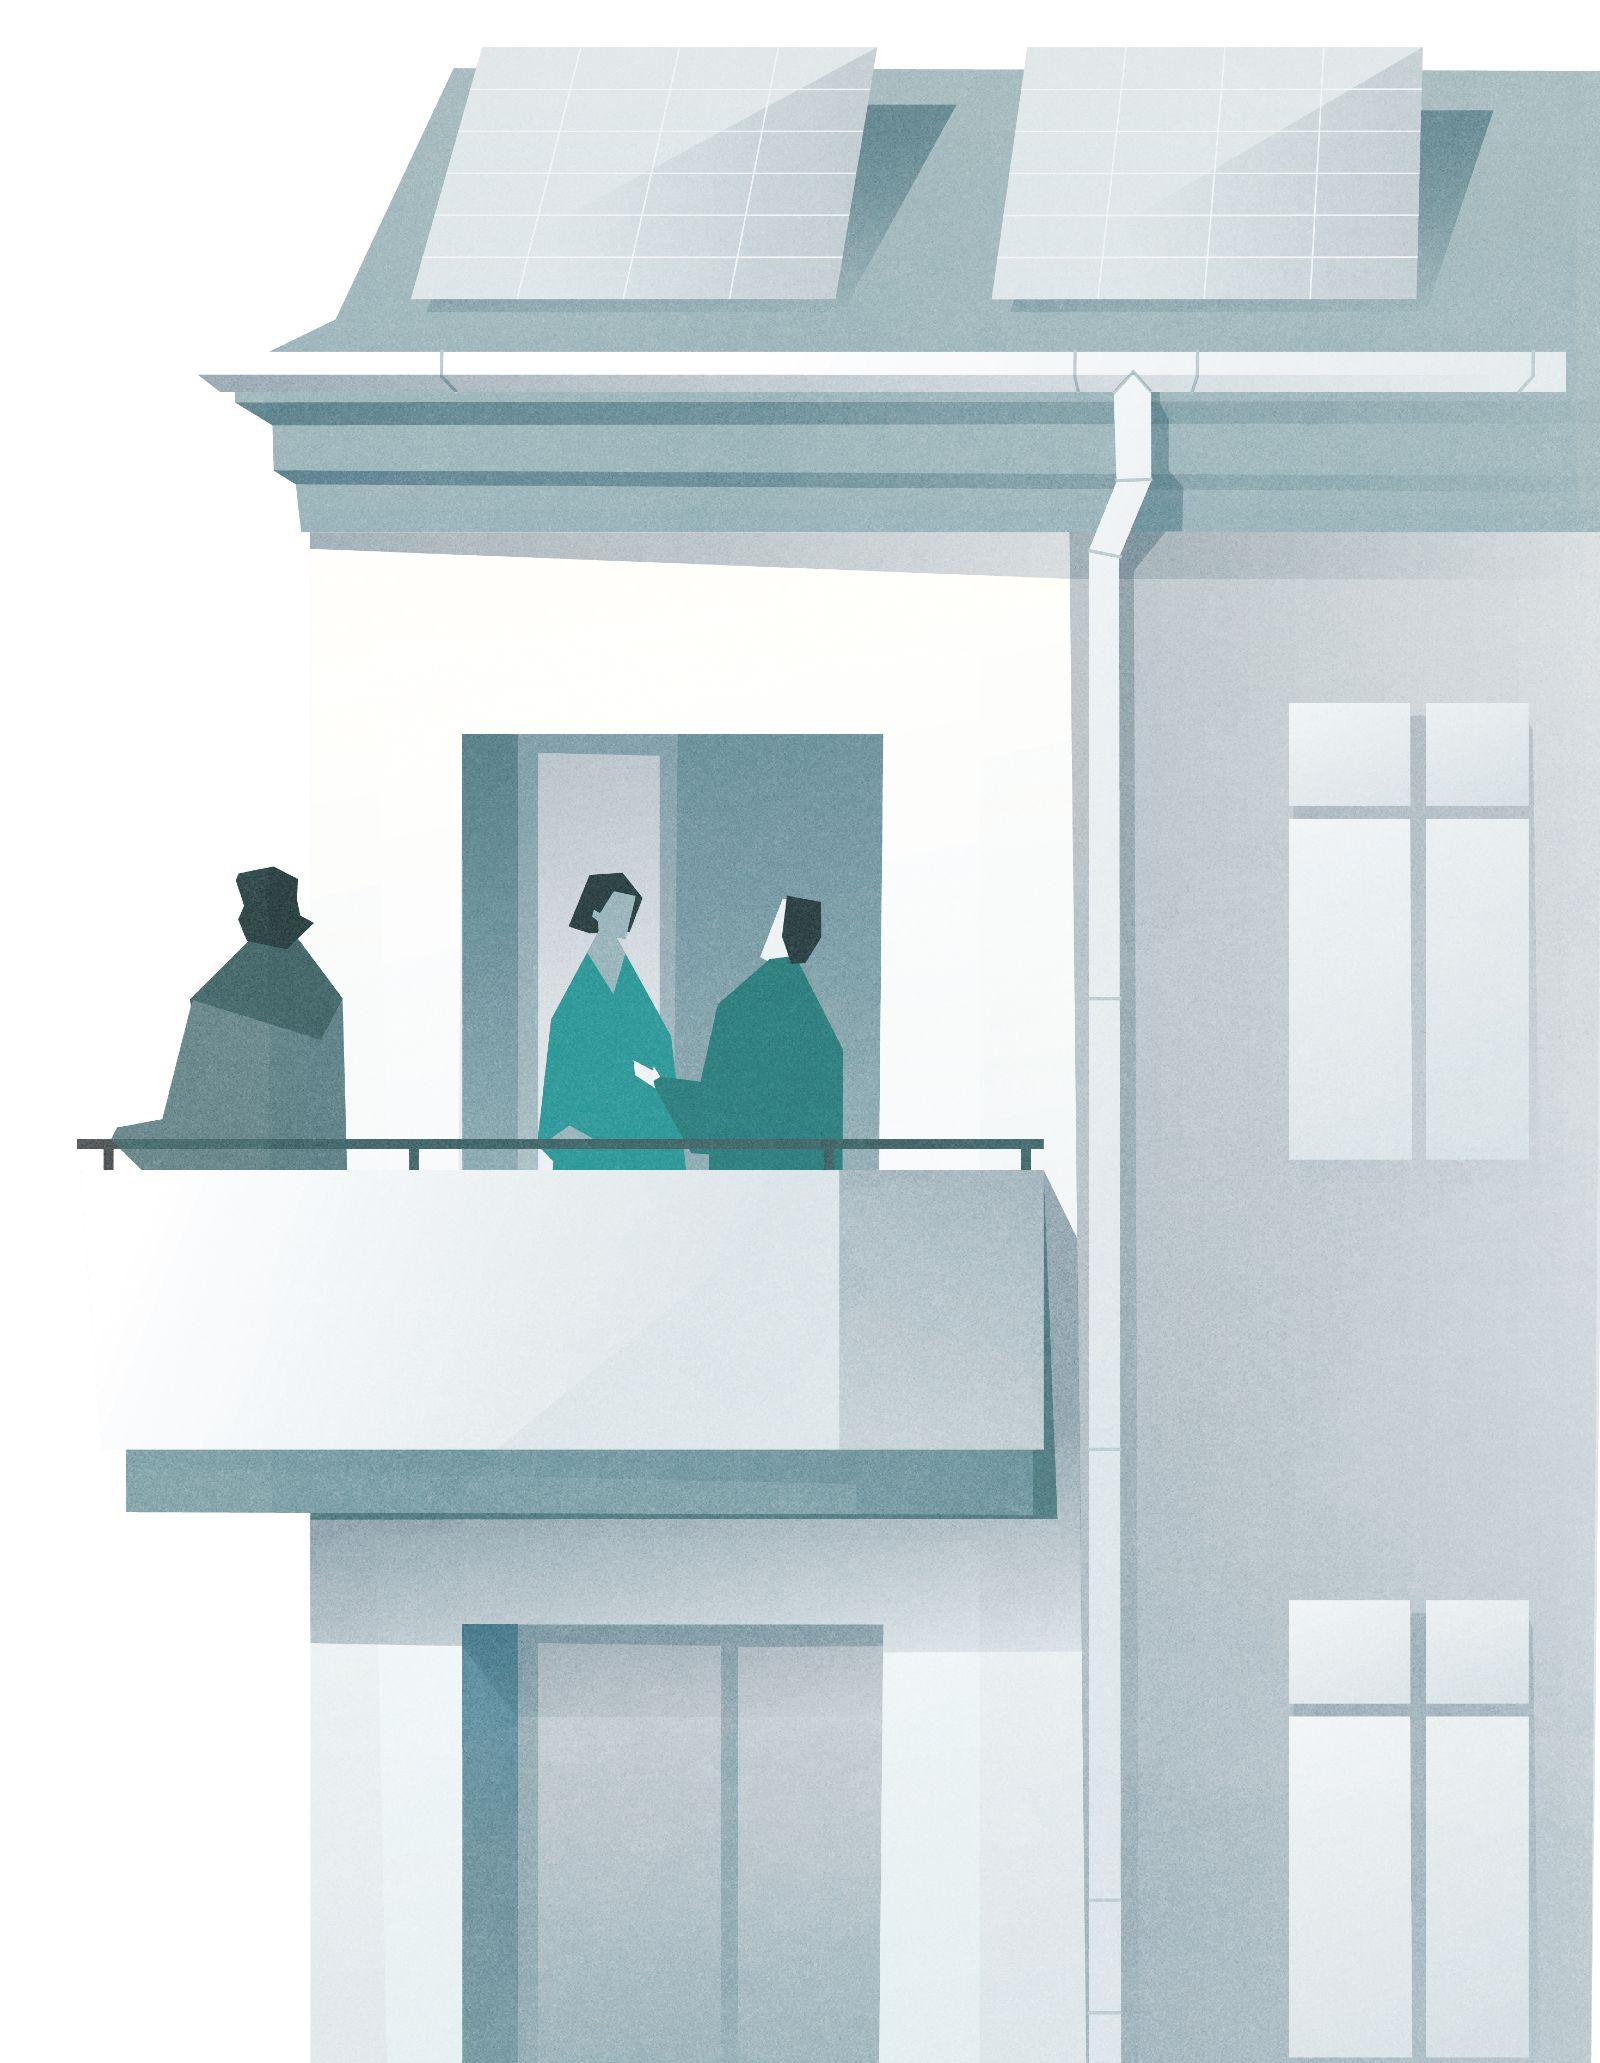 Das Bild zeigt Kopernikus, der auf dem Balkon eines Mehrfamilienhauses steht und in die Ferne starrt.